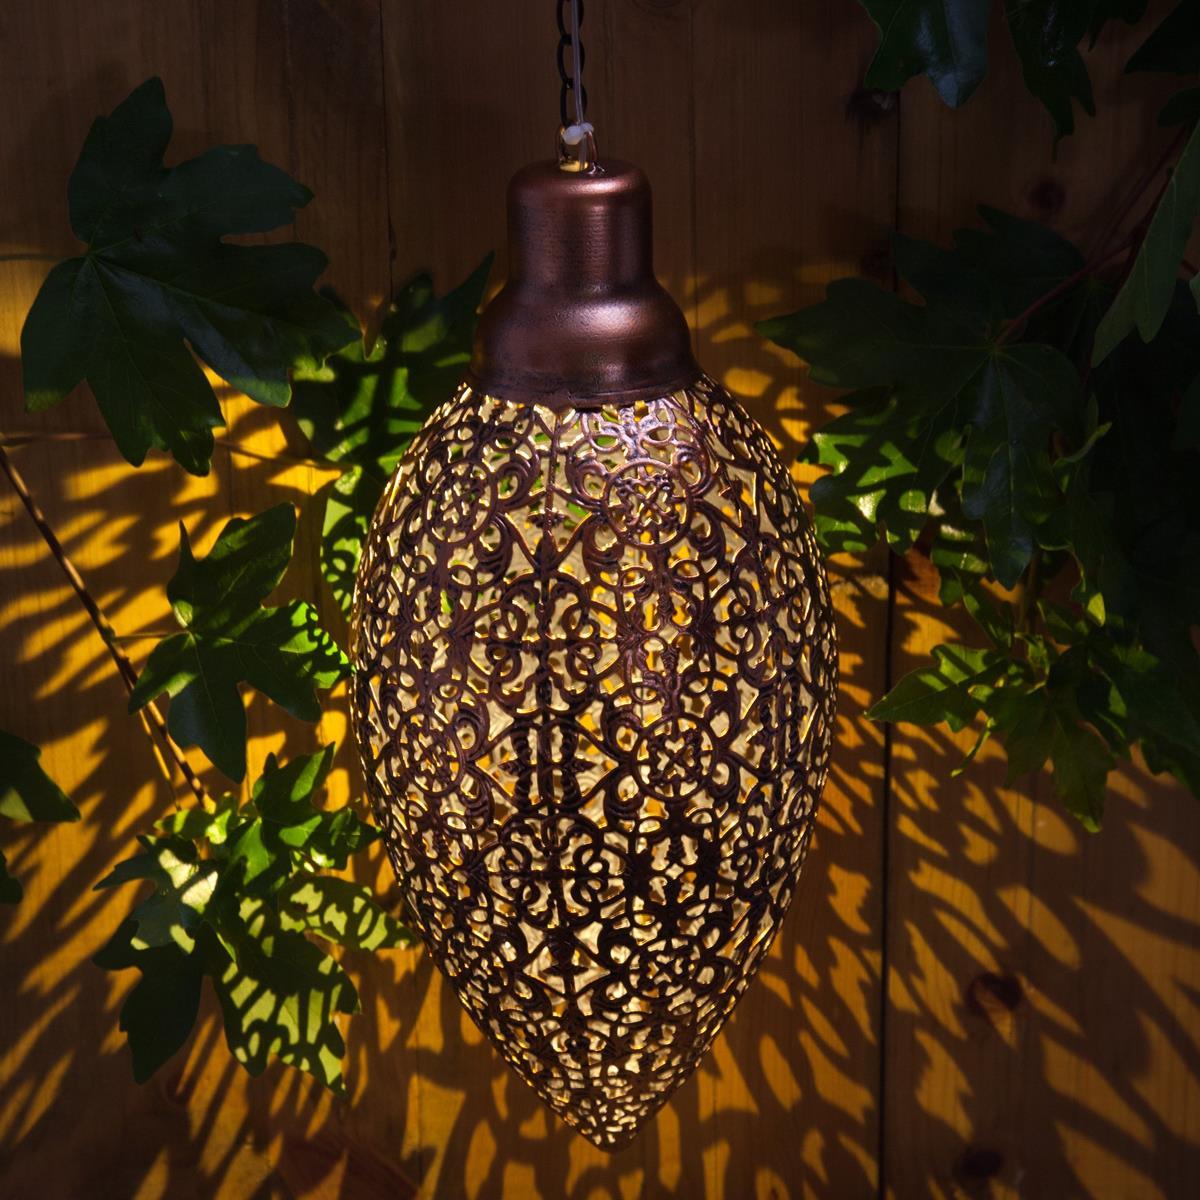 Noma Large Modern Metallic Hanging Solar Powered Garden Light